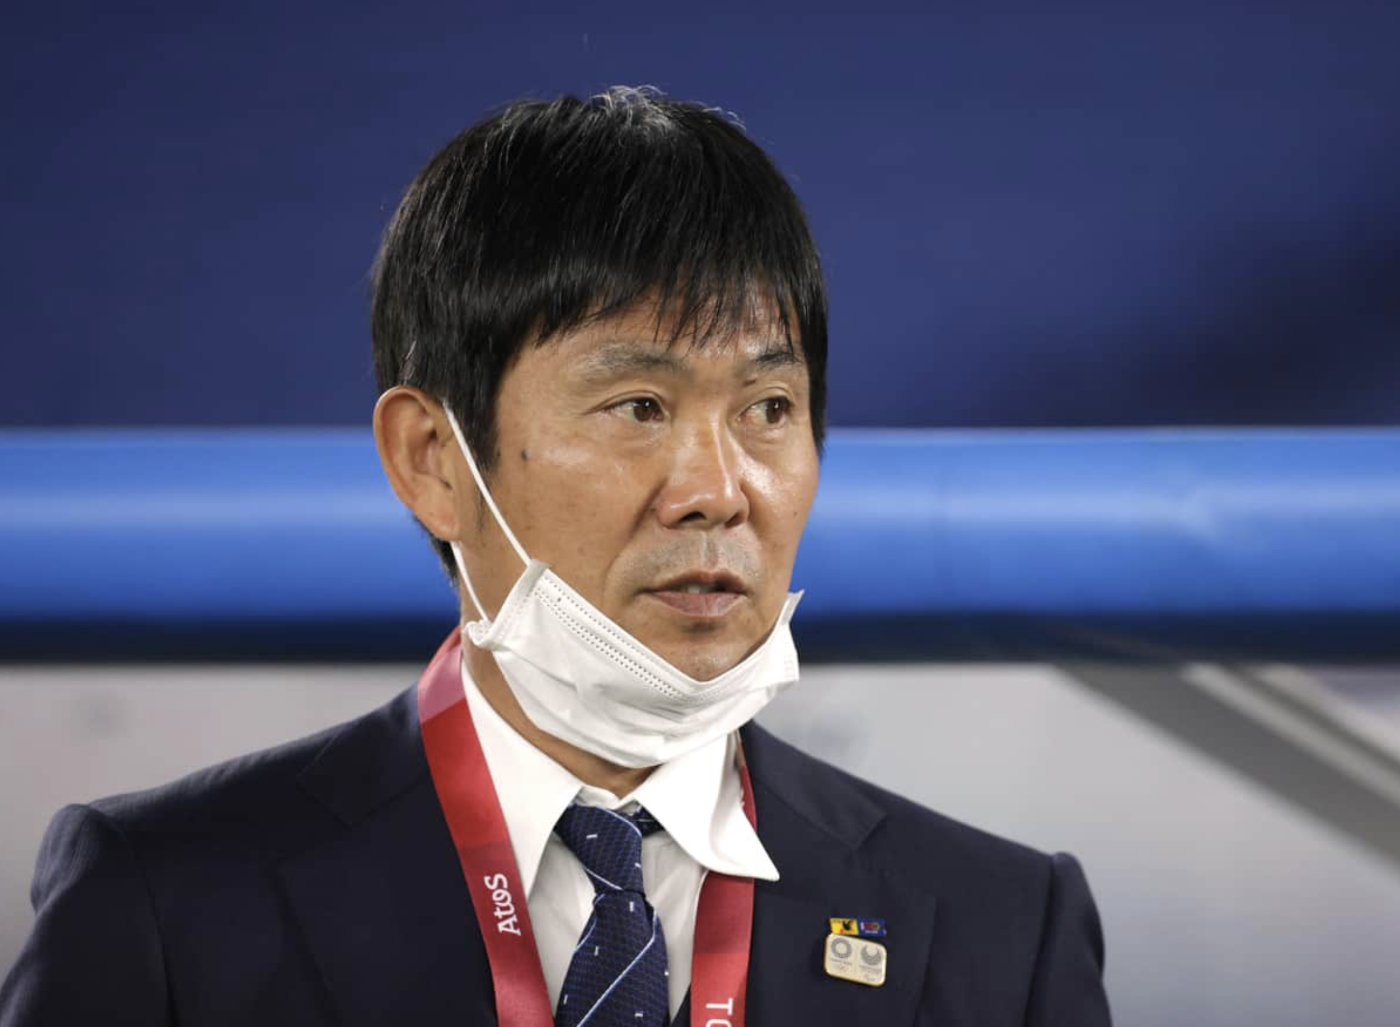 日足协知情人:森保一出战奥运有功 不会主动解雇他